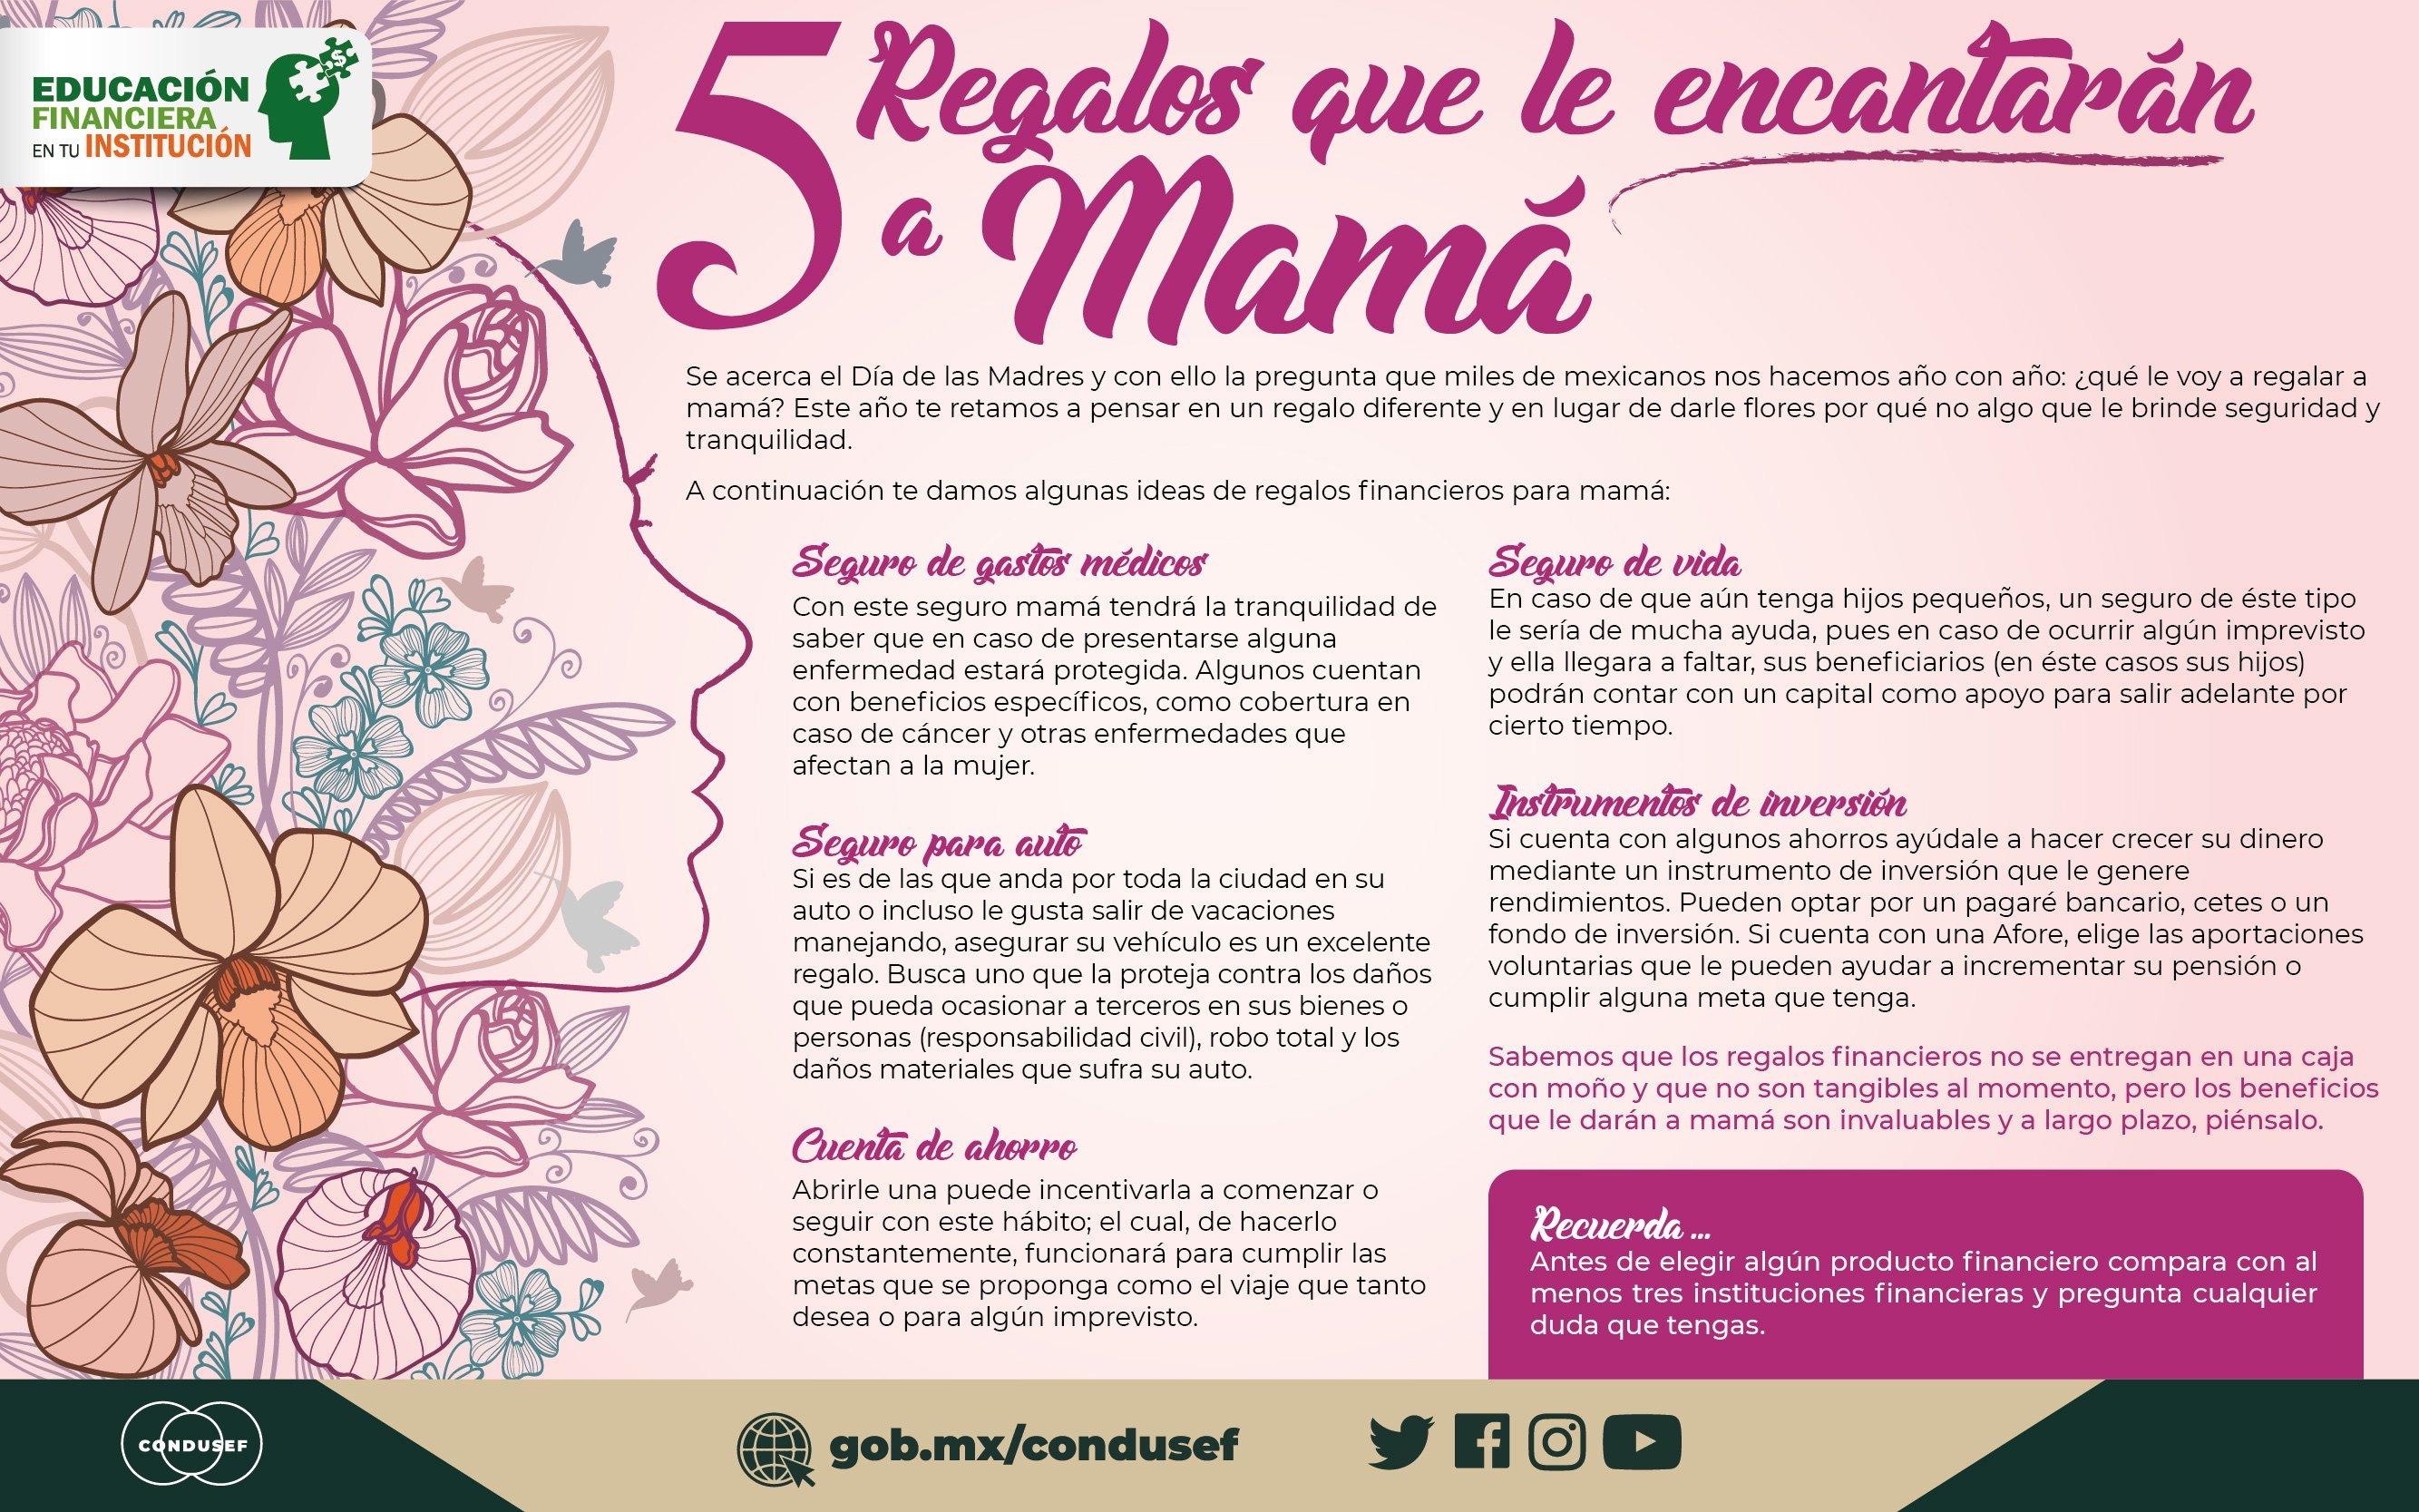 5 Regalos que le encantarán a mamá